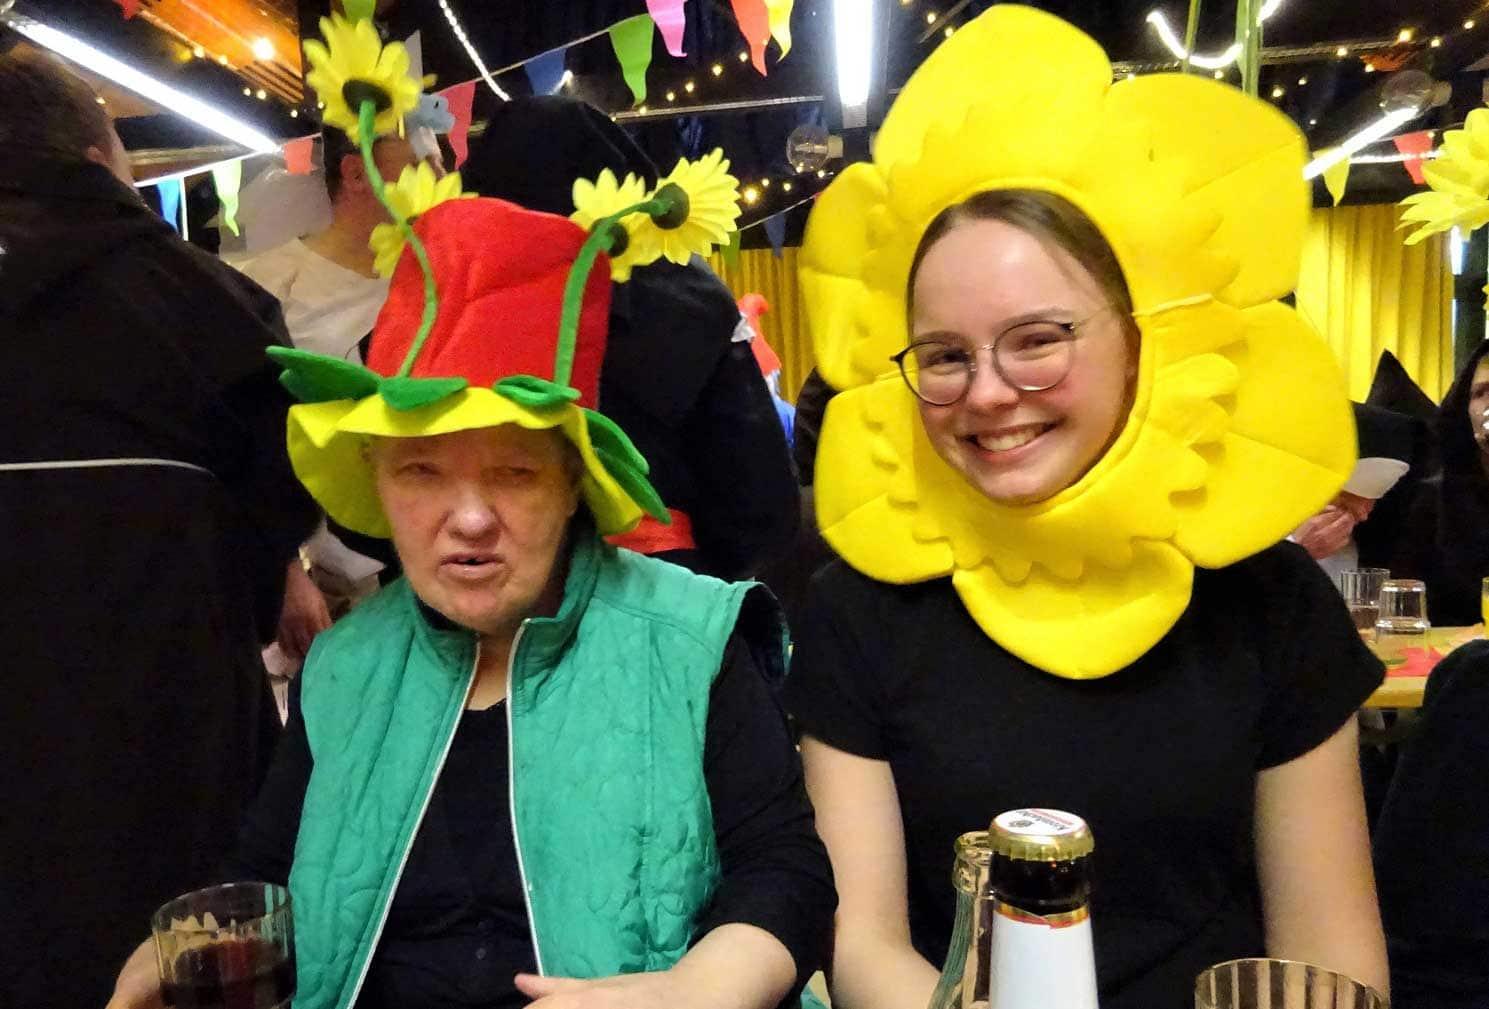 zwei Frauen tragen Kostüme